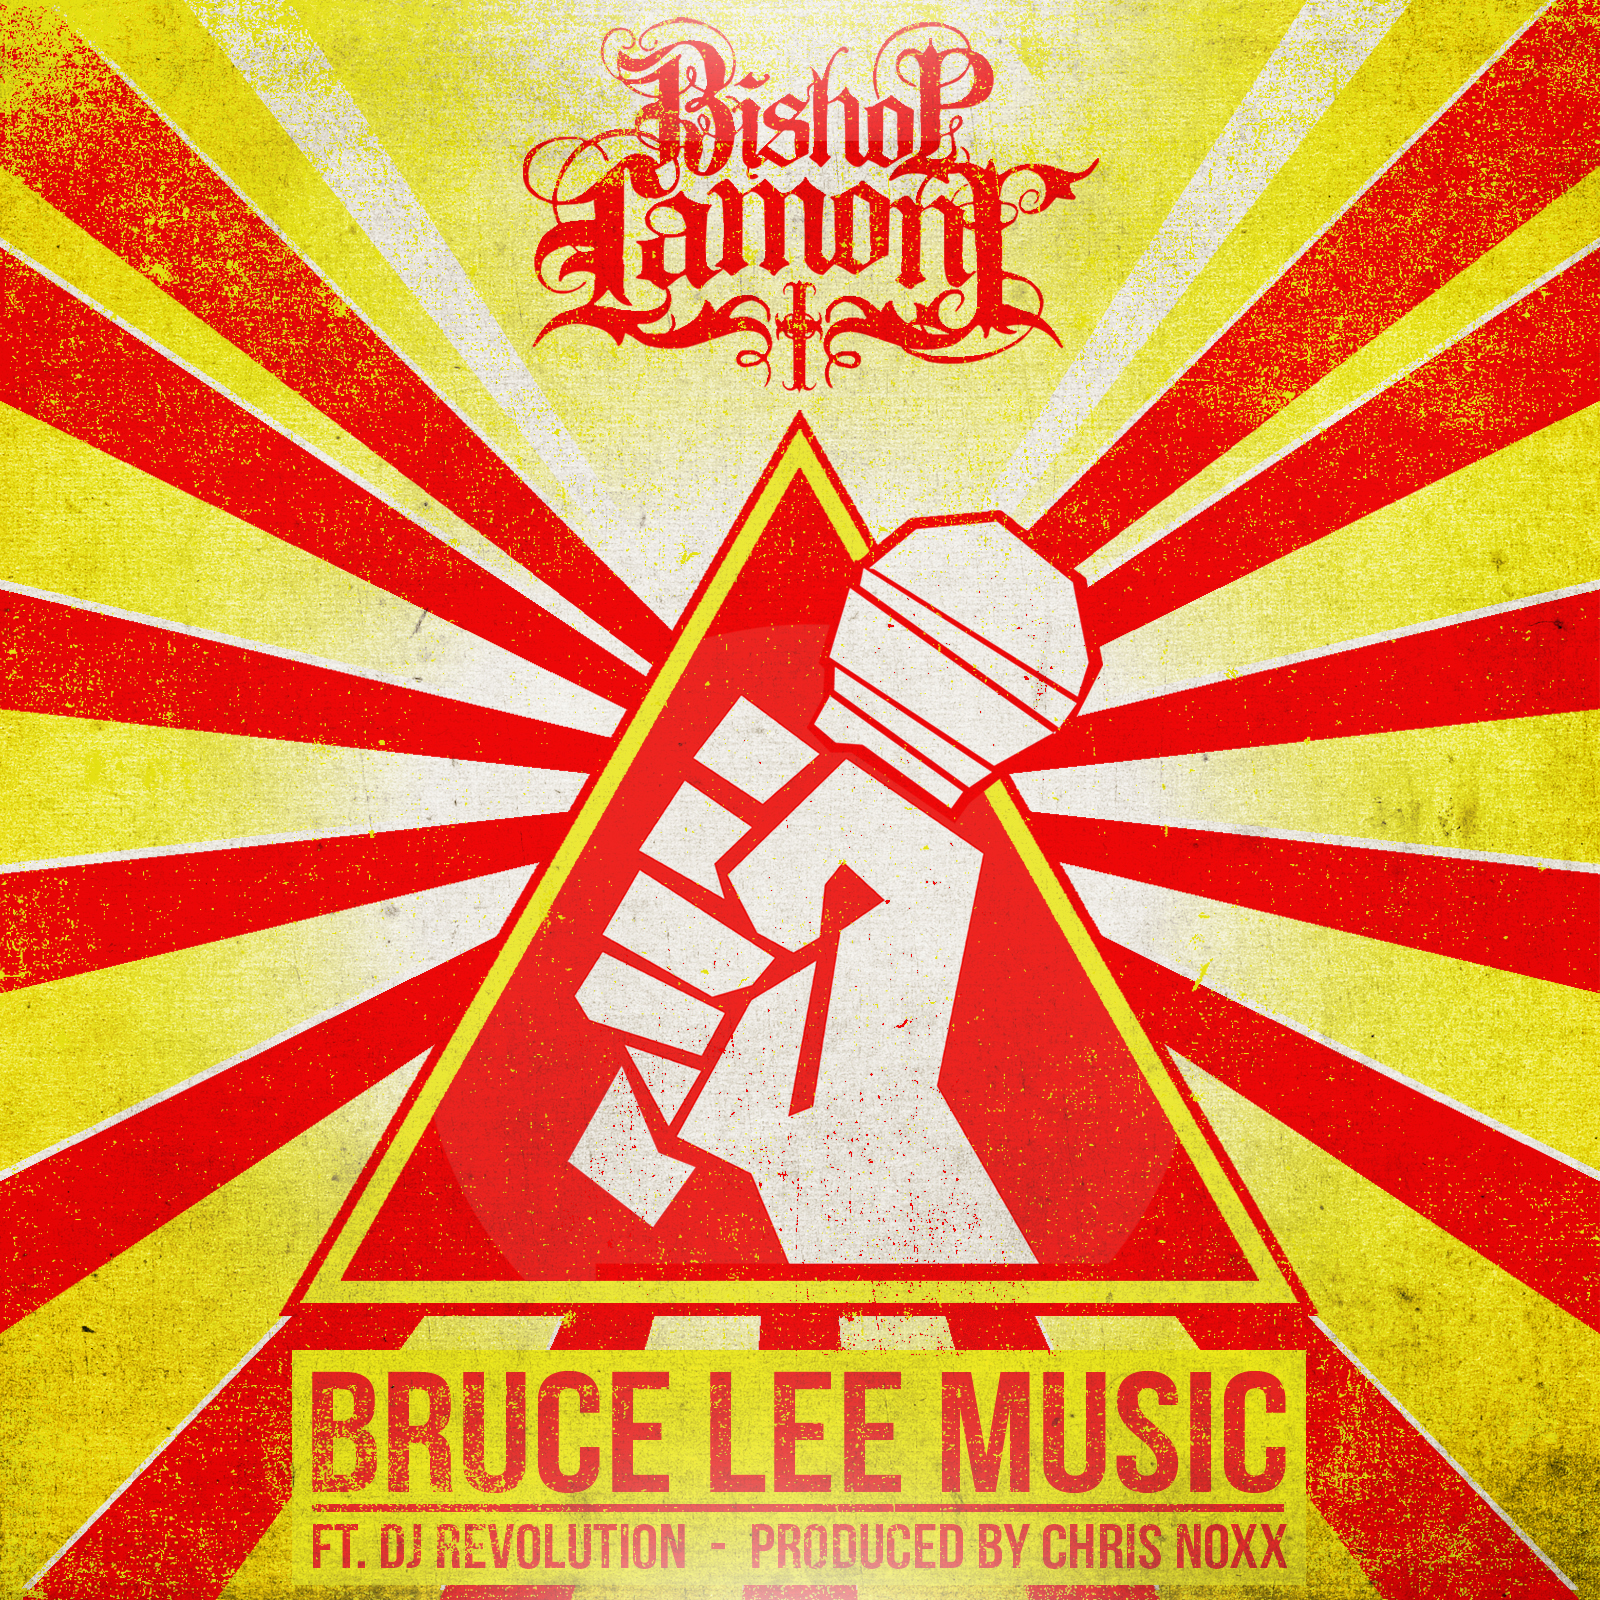 BRUCE LEE MUSIC_COVER ART_FINAL.jpg